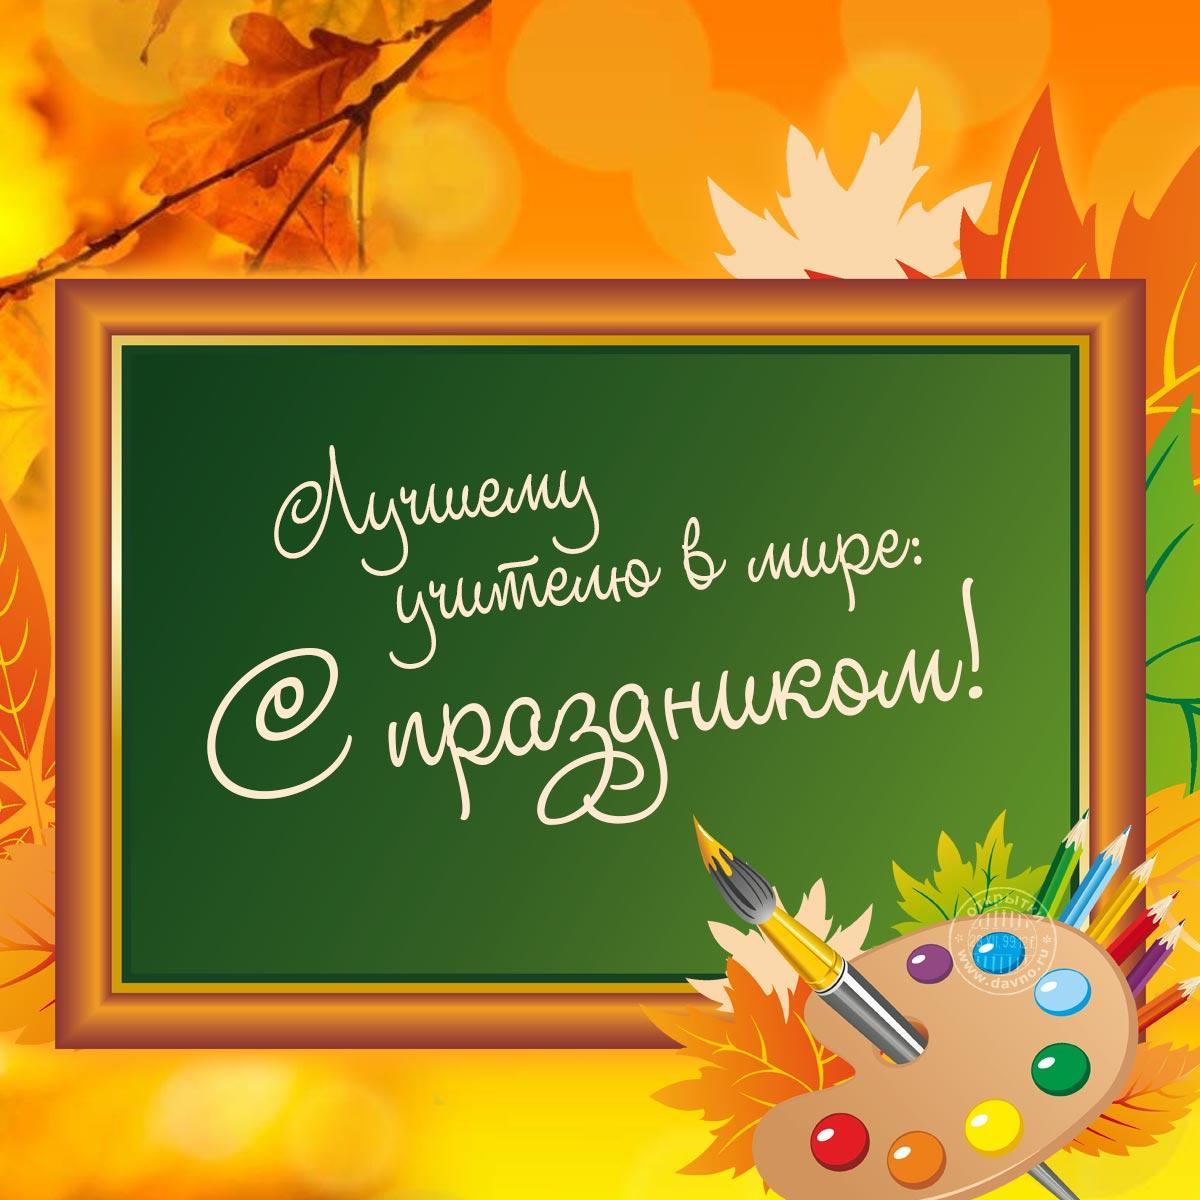 С Днем учителя 2021 картинки / фото davno.ru